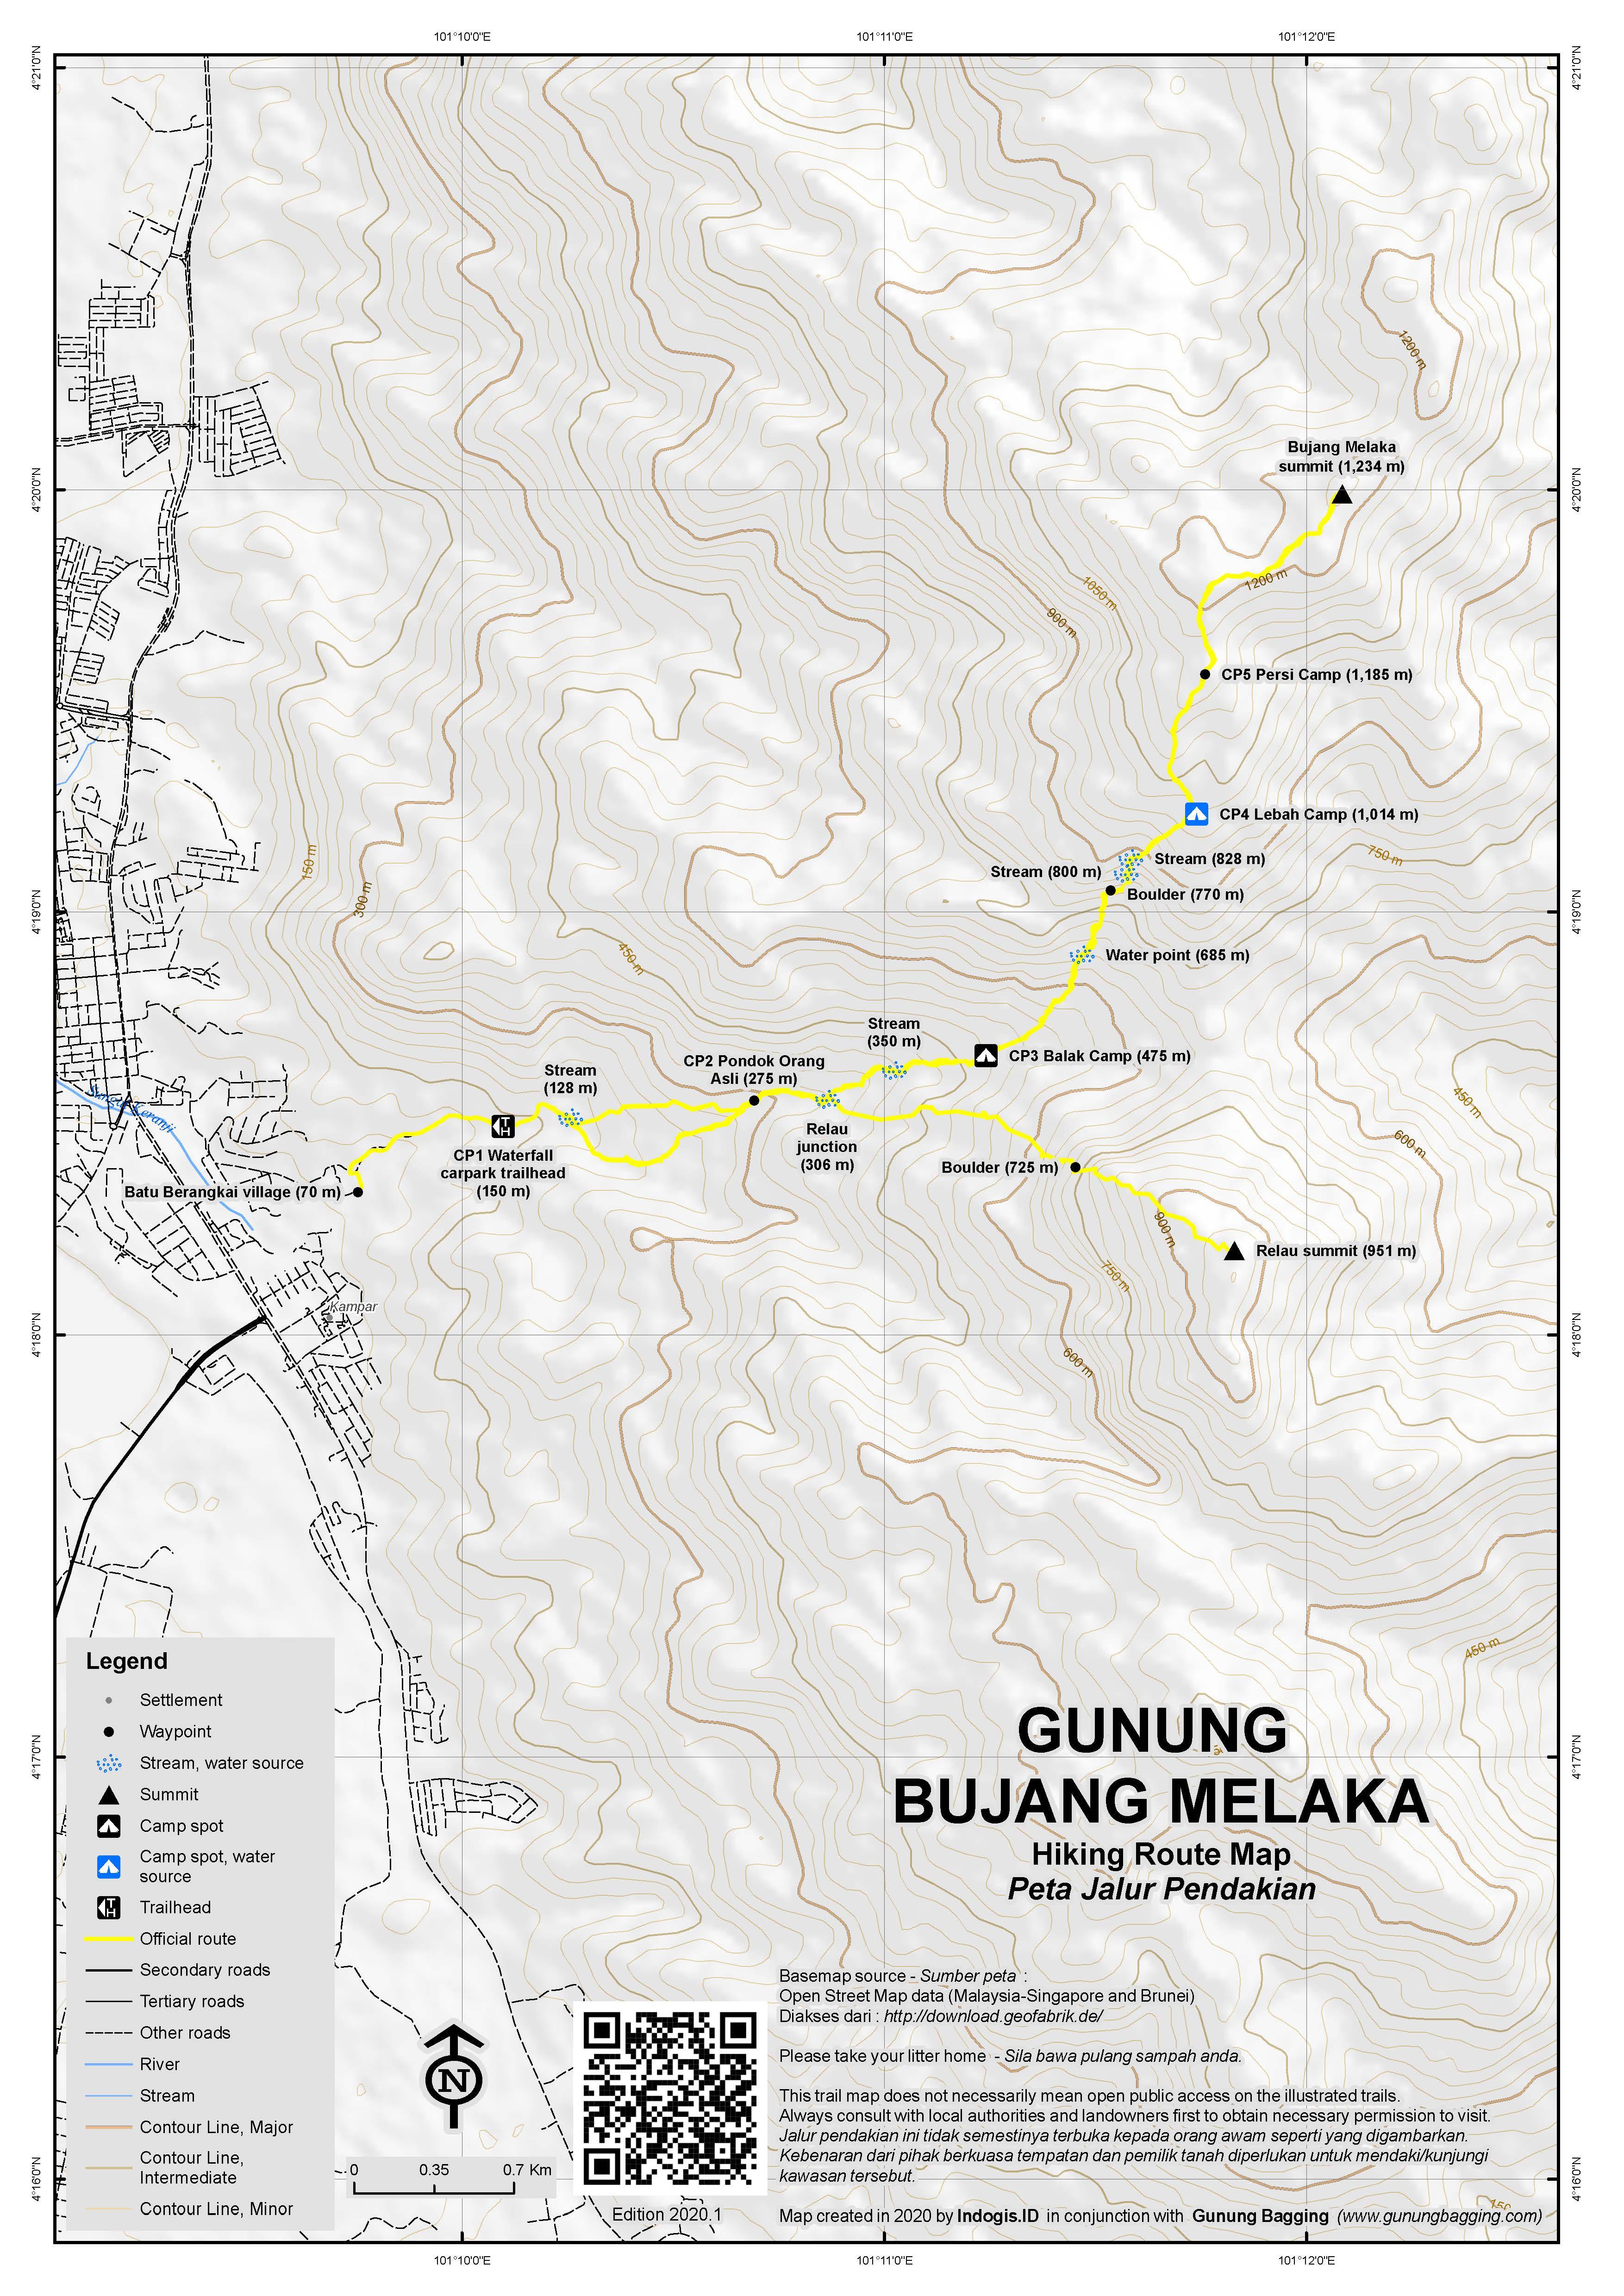 Peta Jalur Pendakian Gunung Bujang Melaka